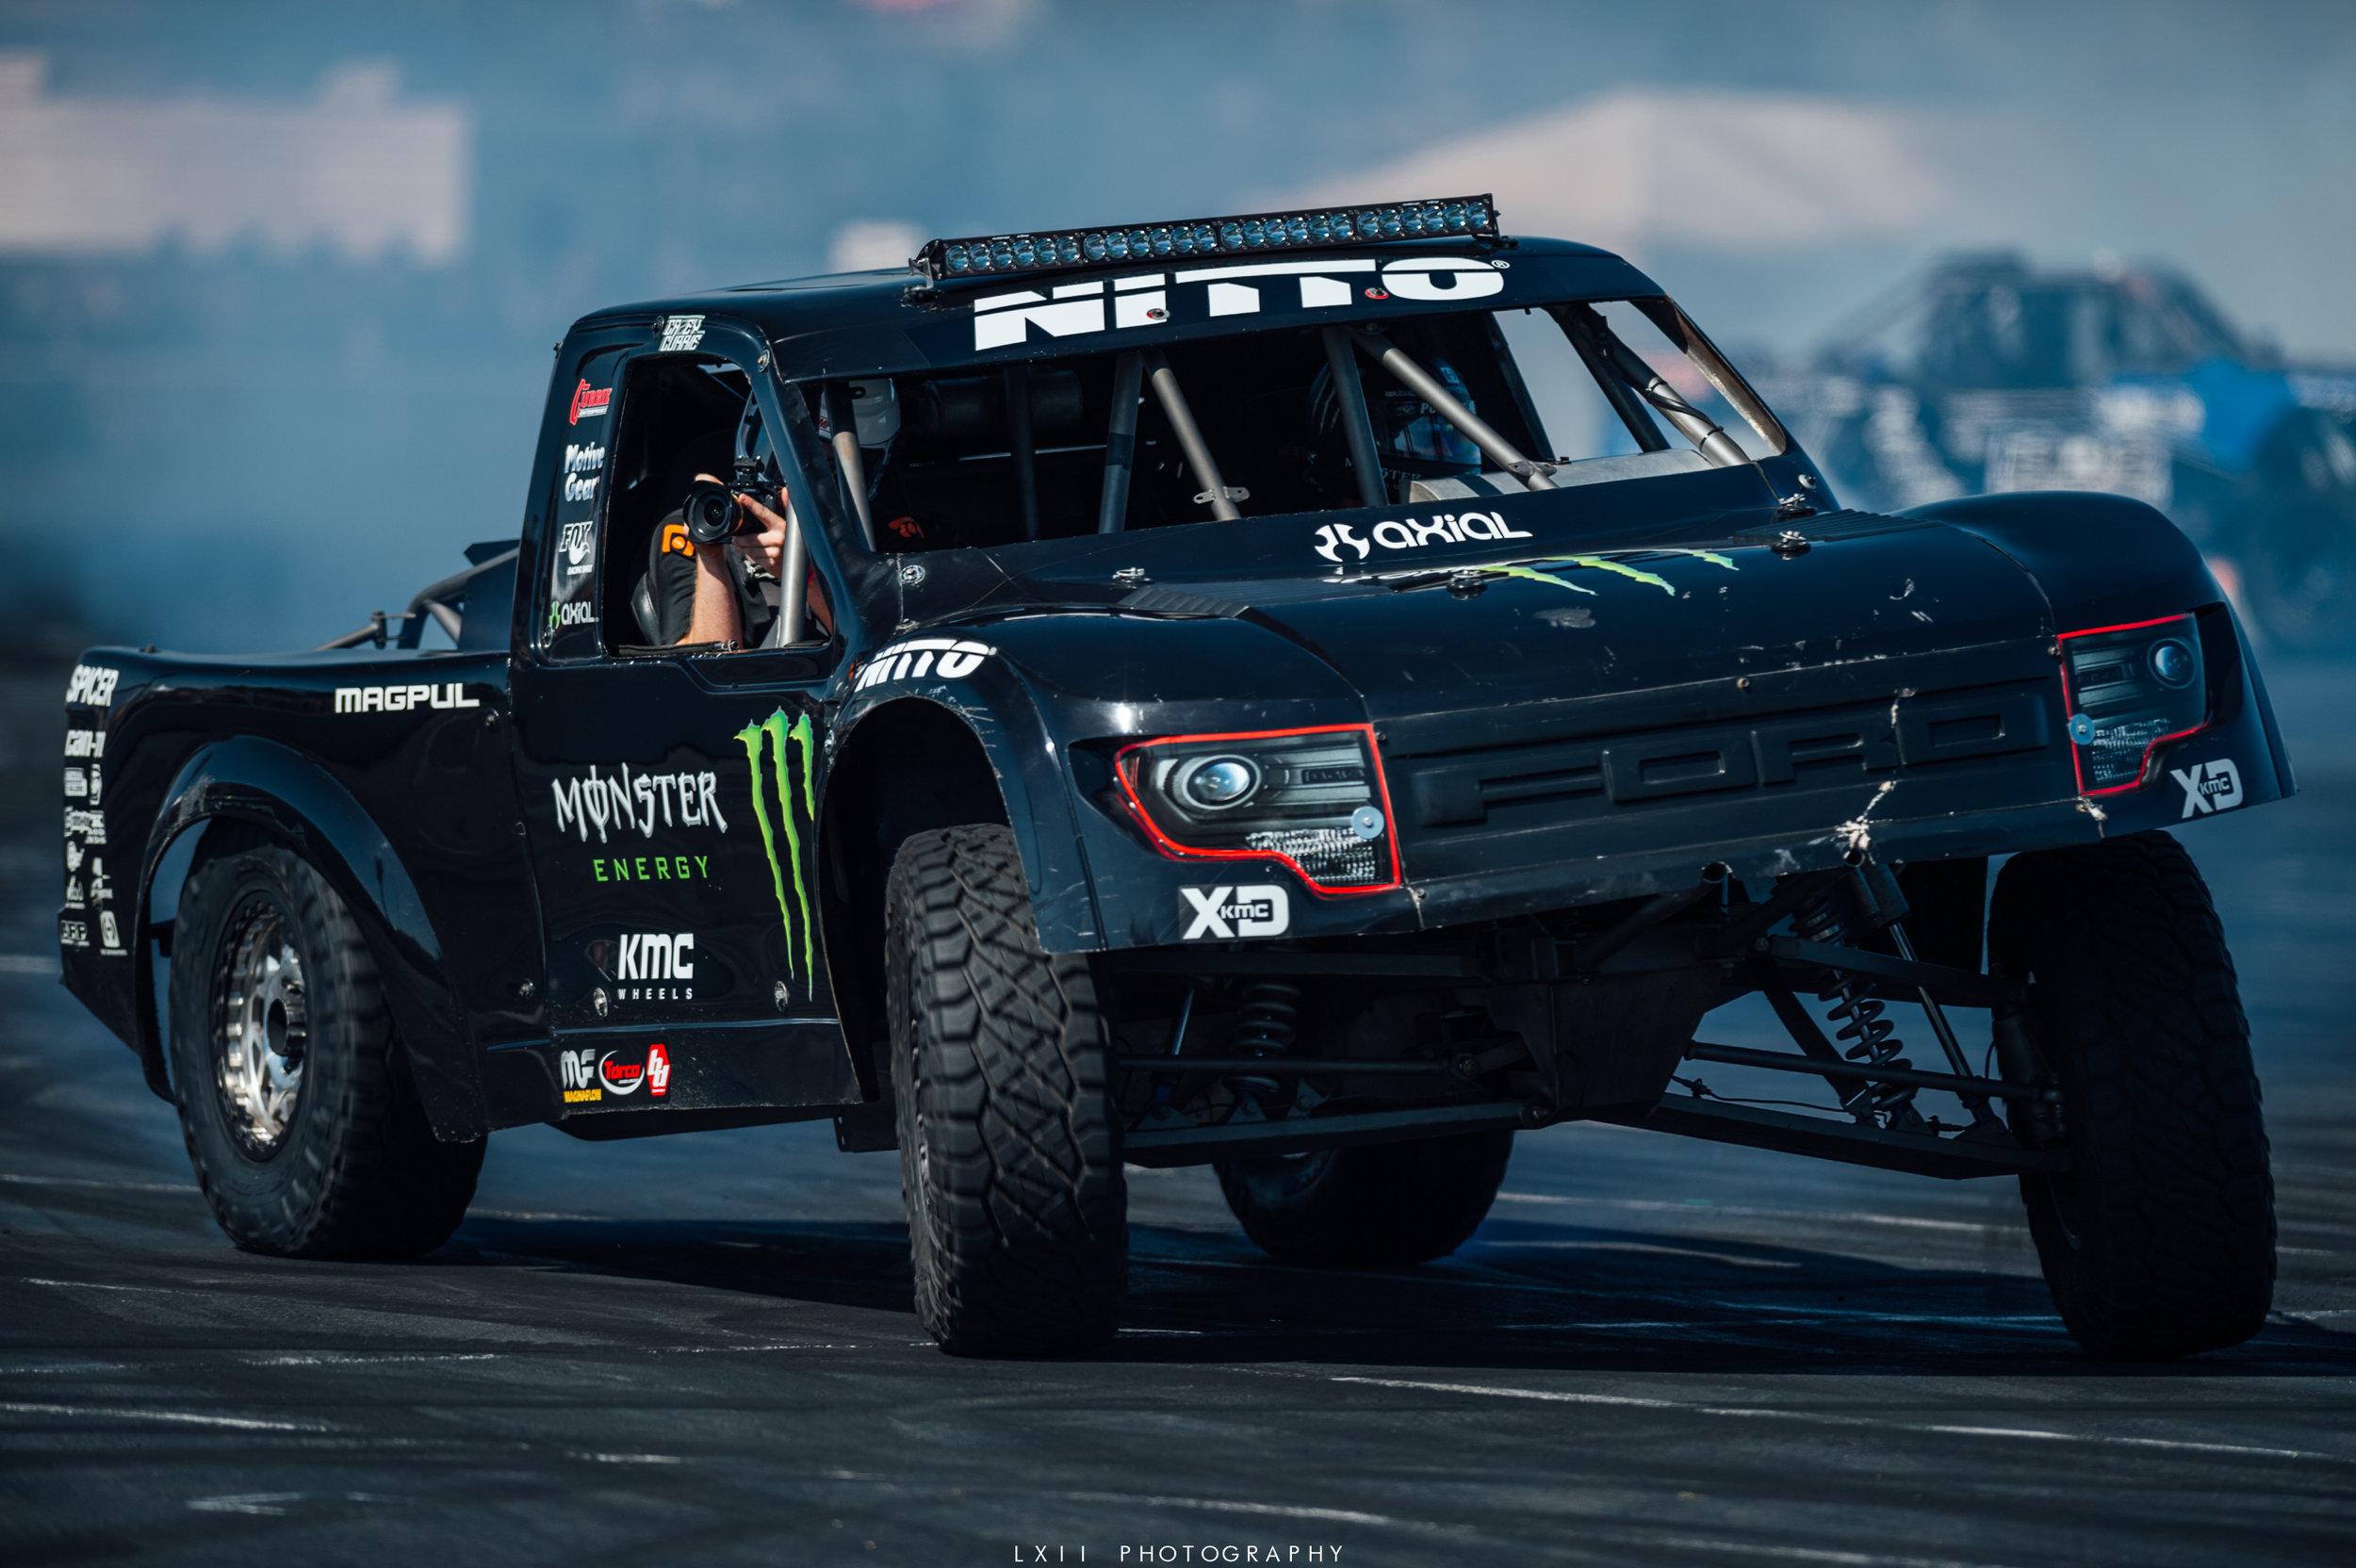 AED_Motorsport-52.jpg